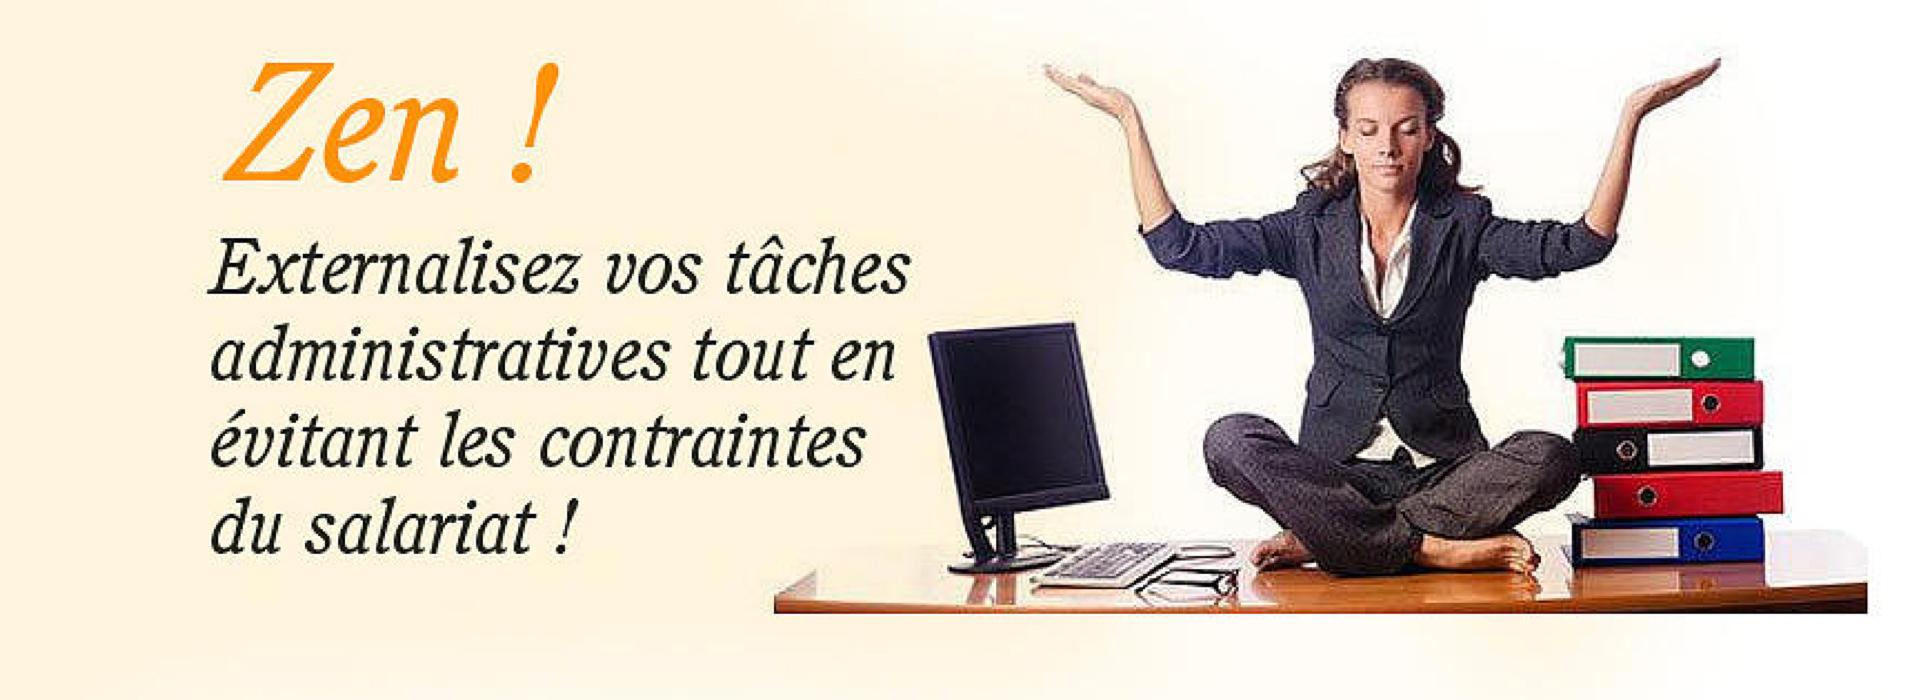 Zen ! Externalisez vos tâches administratives tout en évitant les contraintes du salariat !